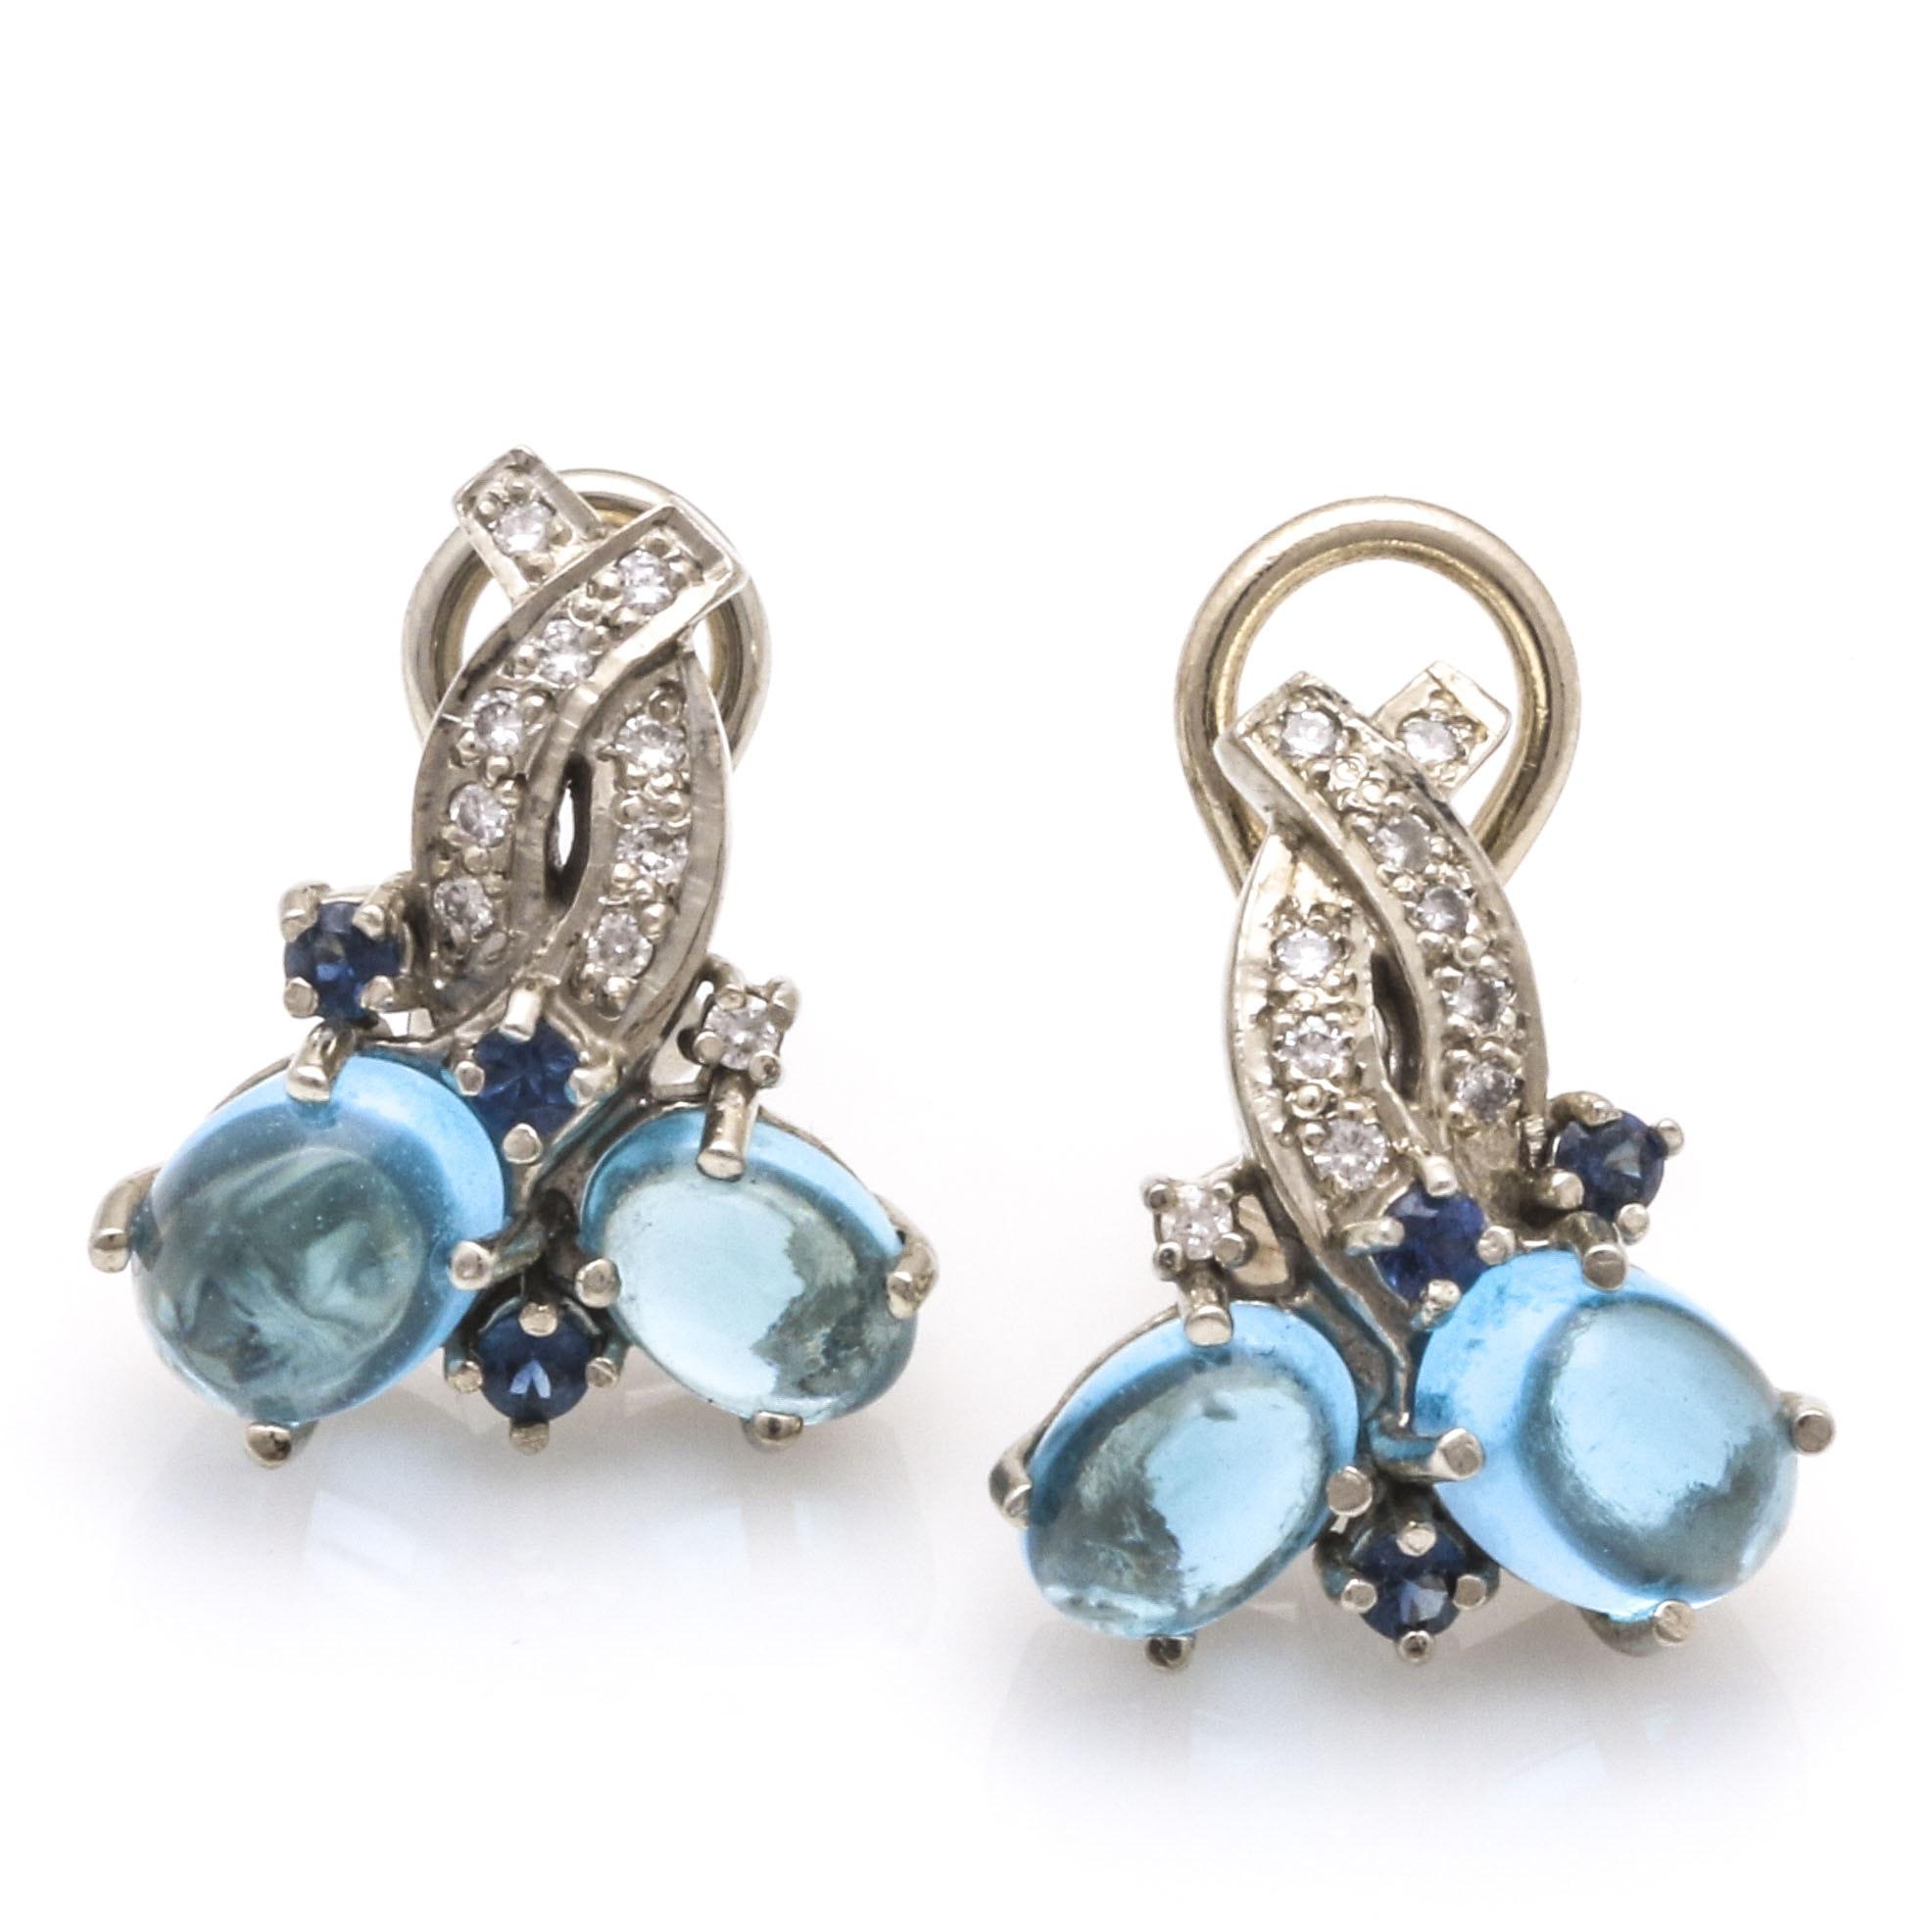 14K White Gold Diamond, Sapphire and Topaz Earrings